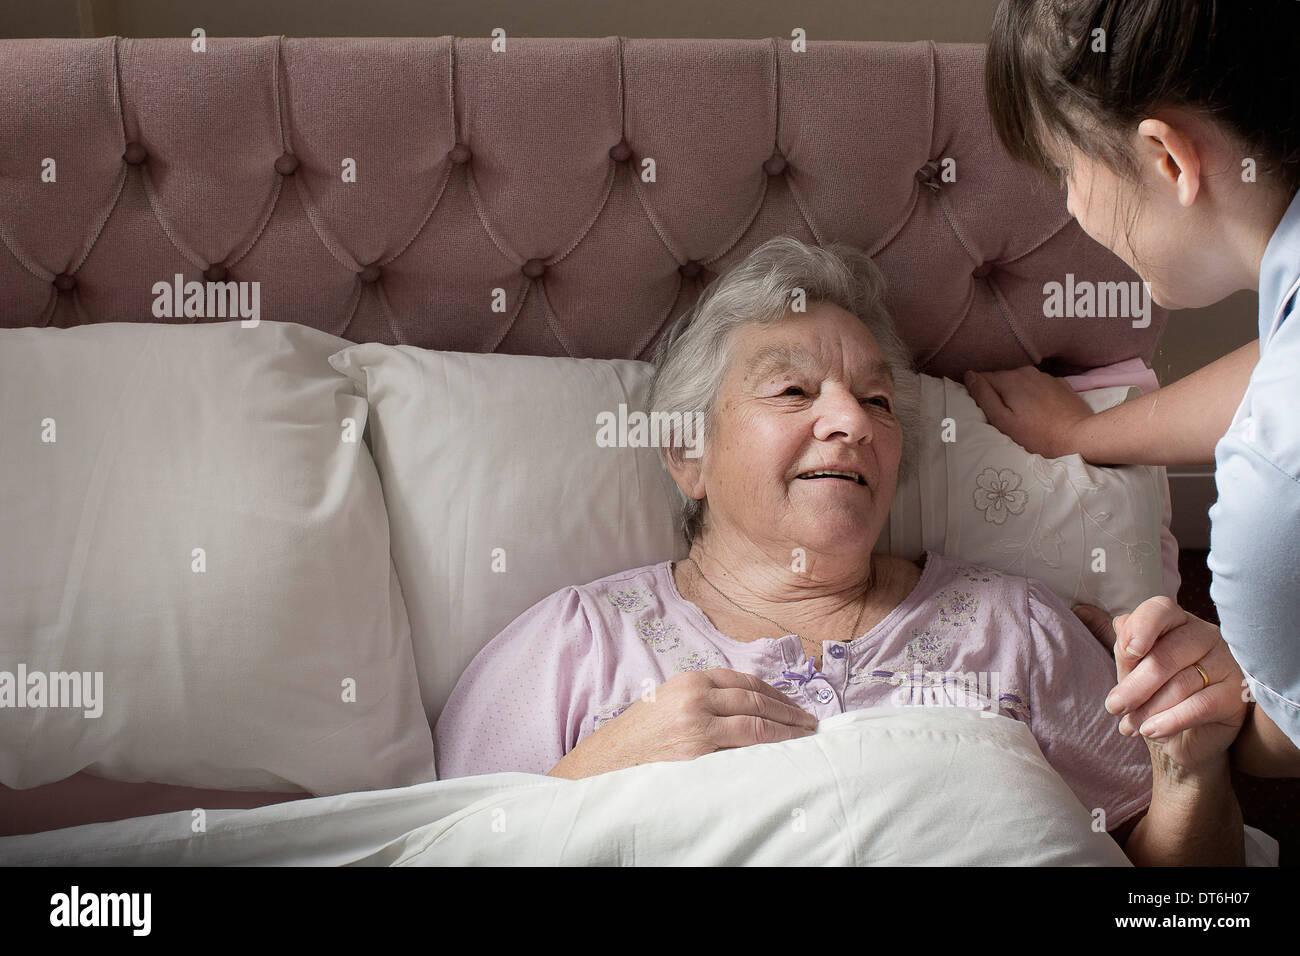 Asistente de cuidado personal charlando con mujer mayor en la cama Imagen De Stock